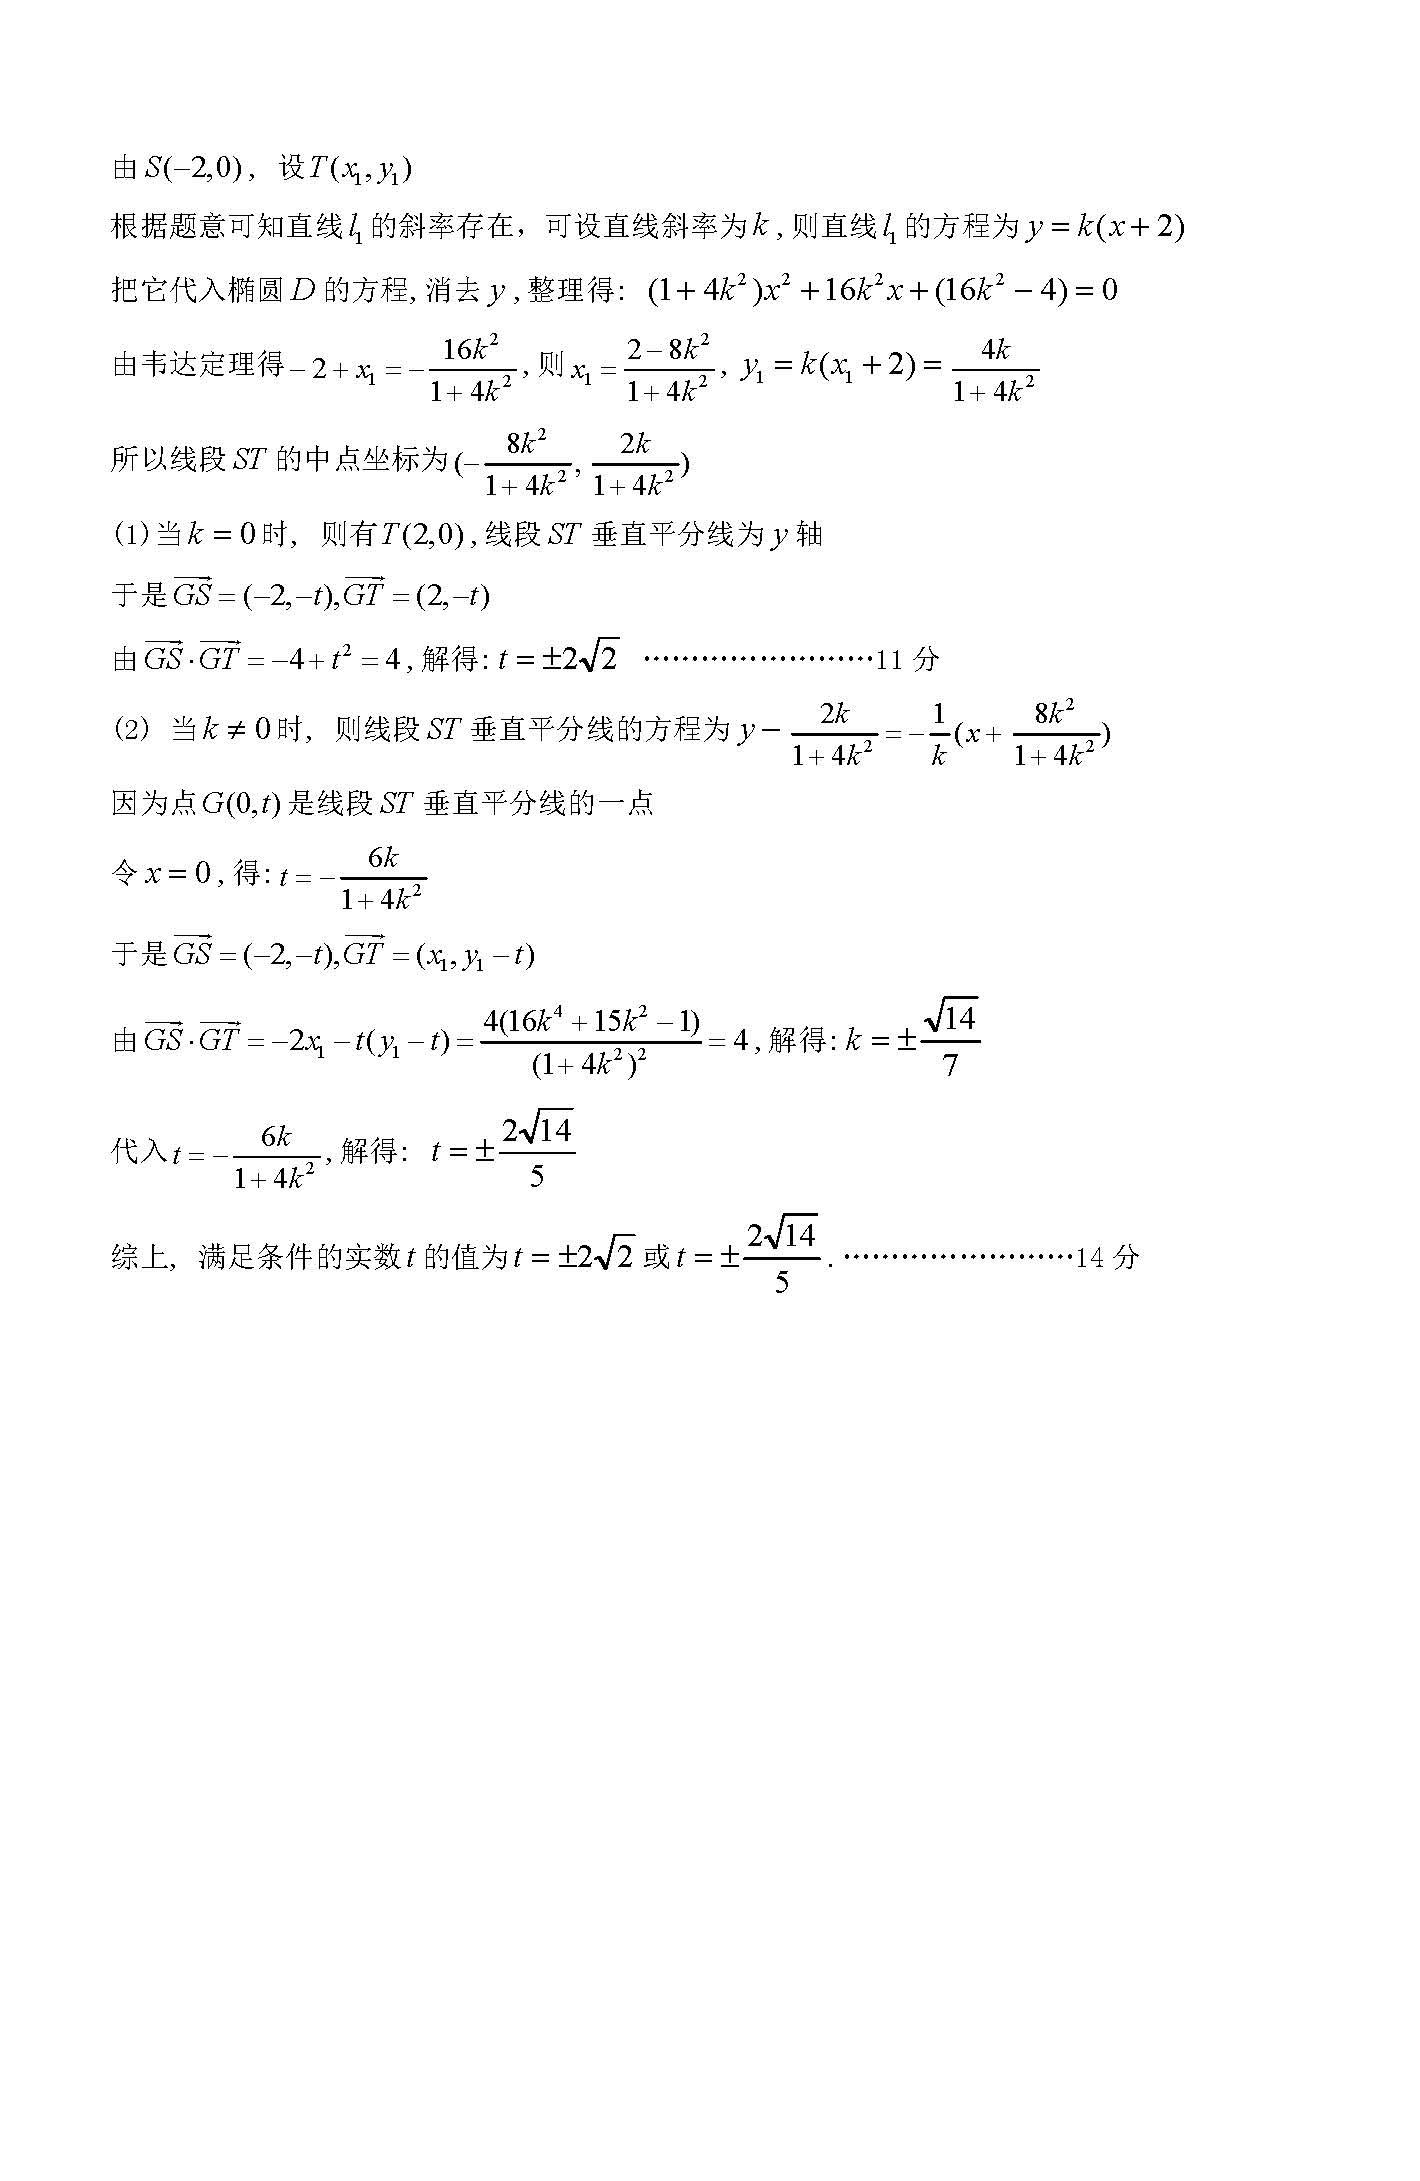 2014山东青岛高考文科数学一模试题及答案(附答案)